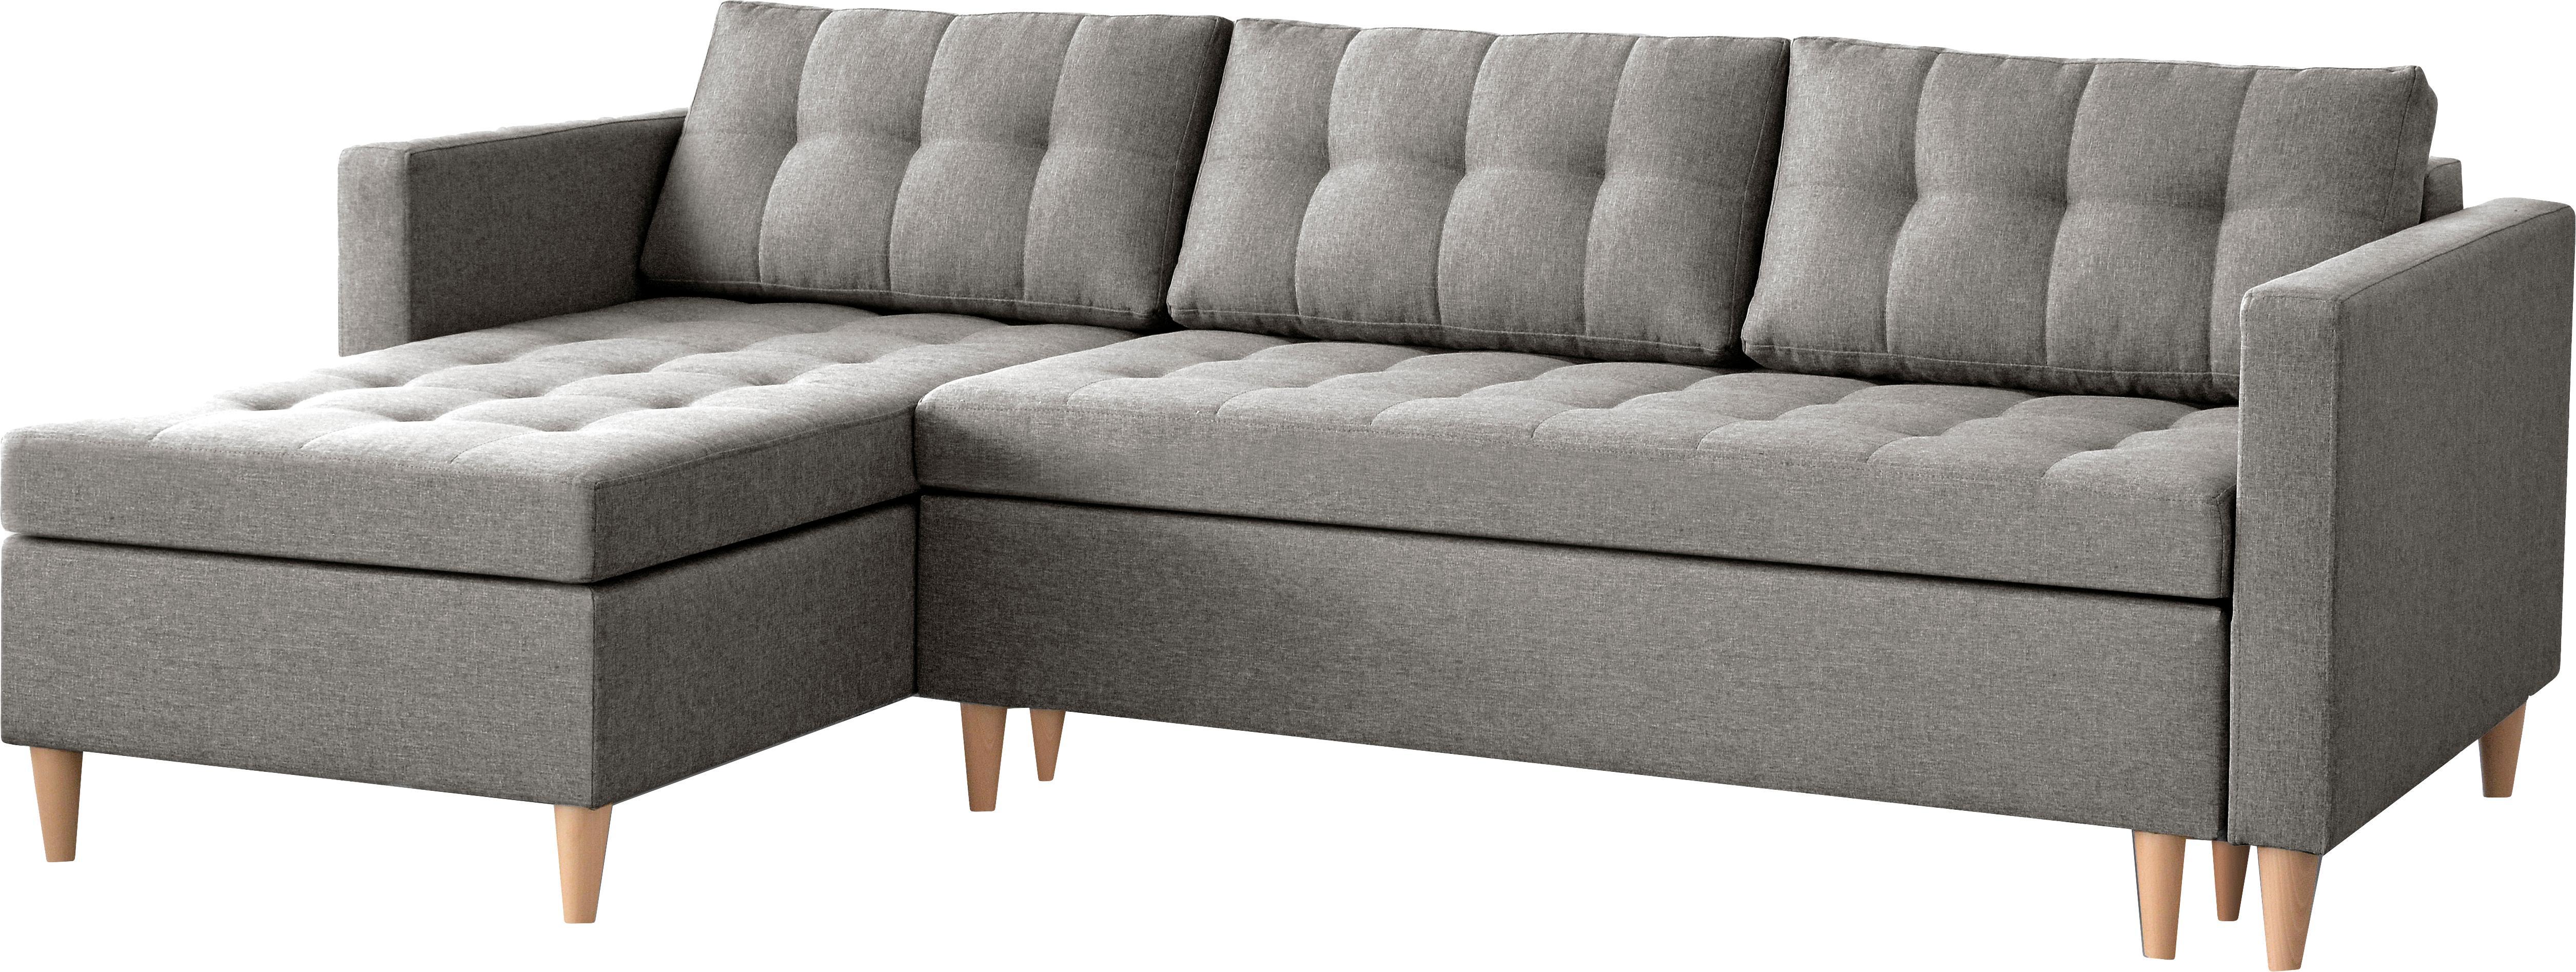 Hoekbank Fandy met slaapfunctie, Bekleding: polyester, Lichtgrijs, B 223 x D 69 cm